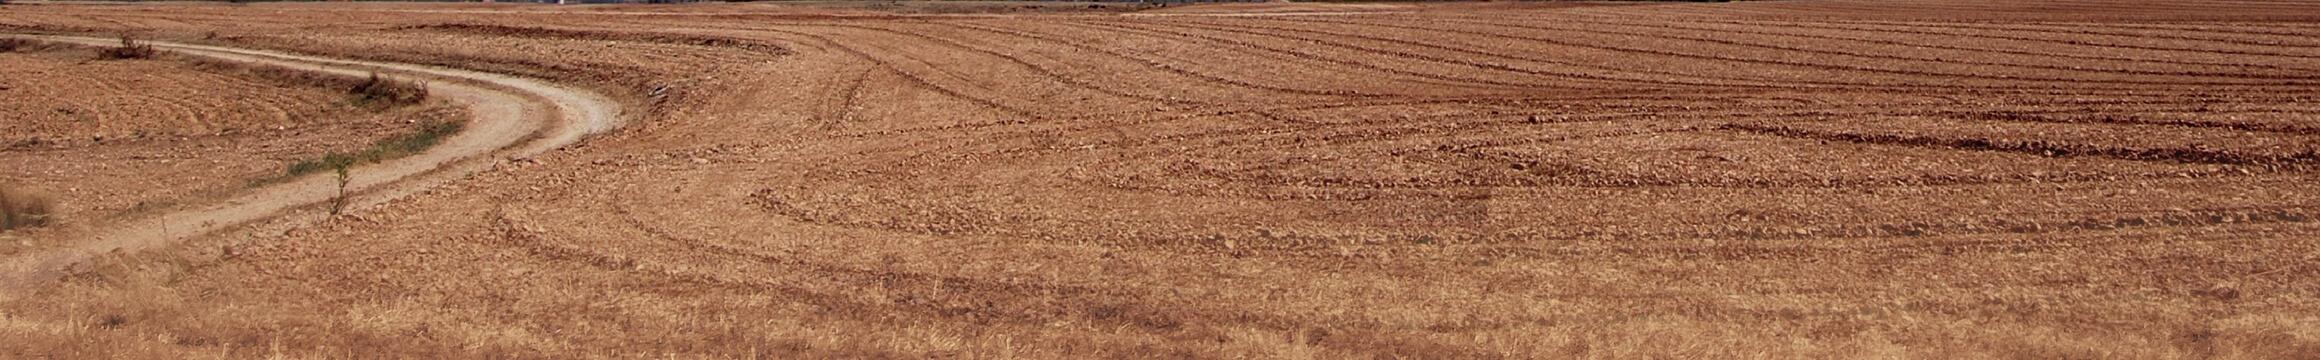 Farming Rural 09